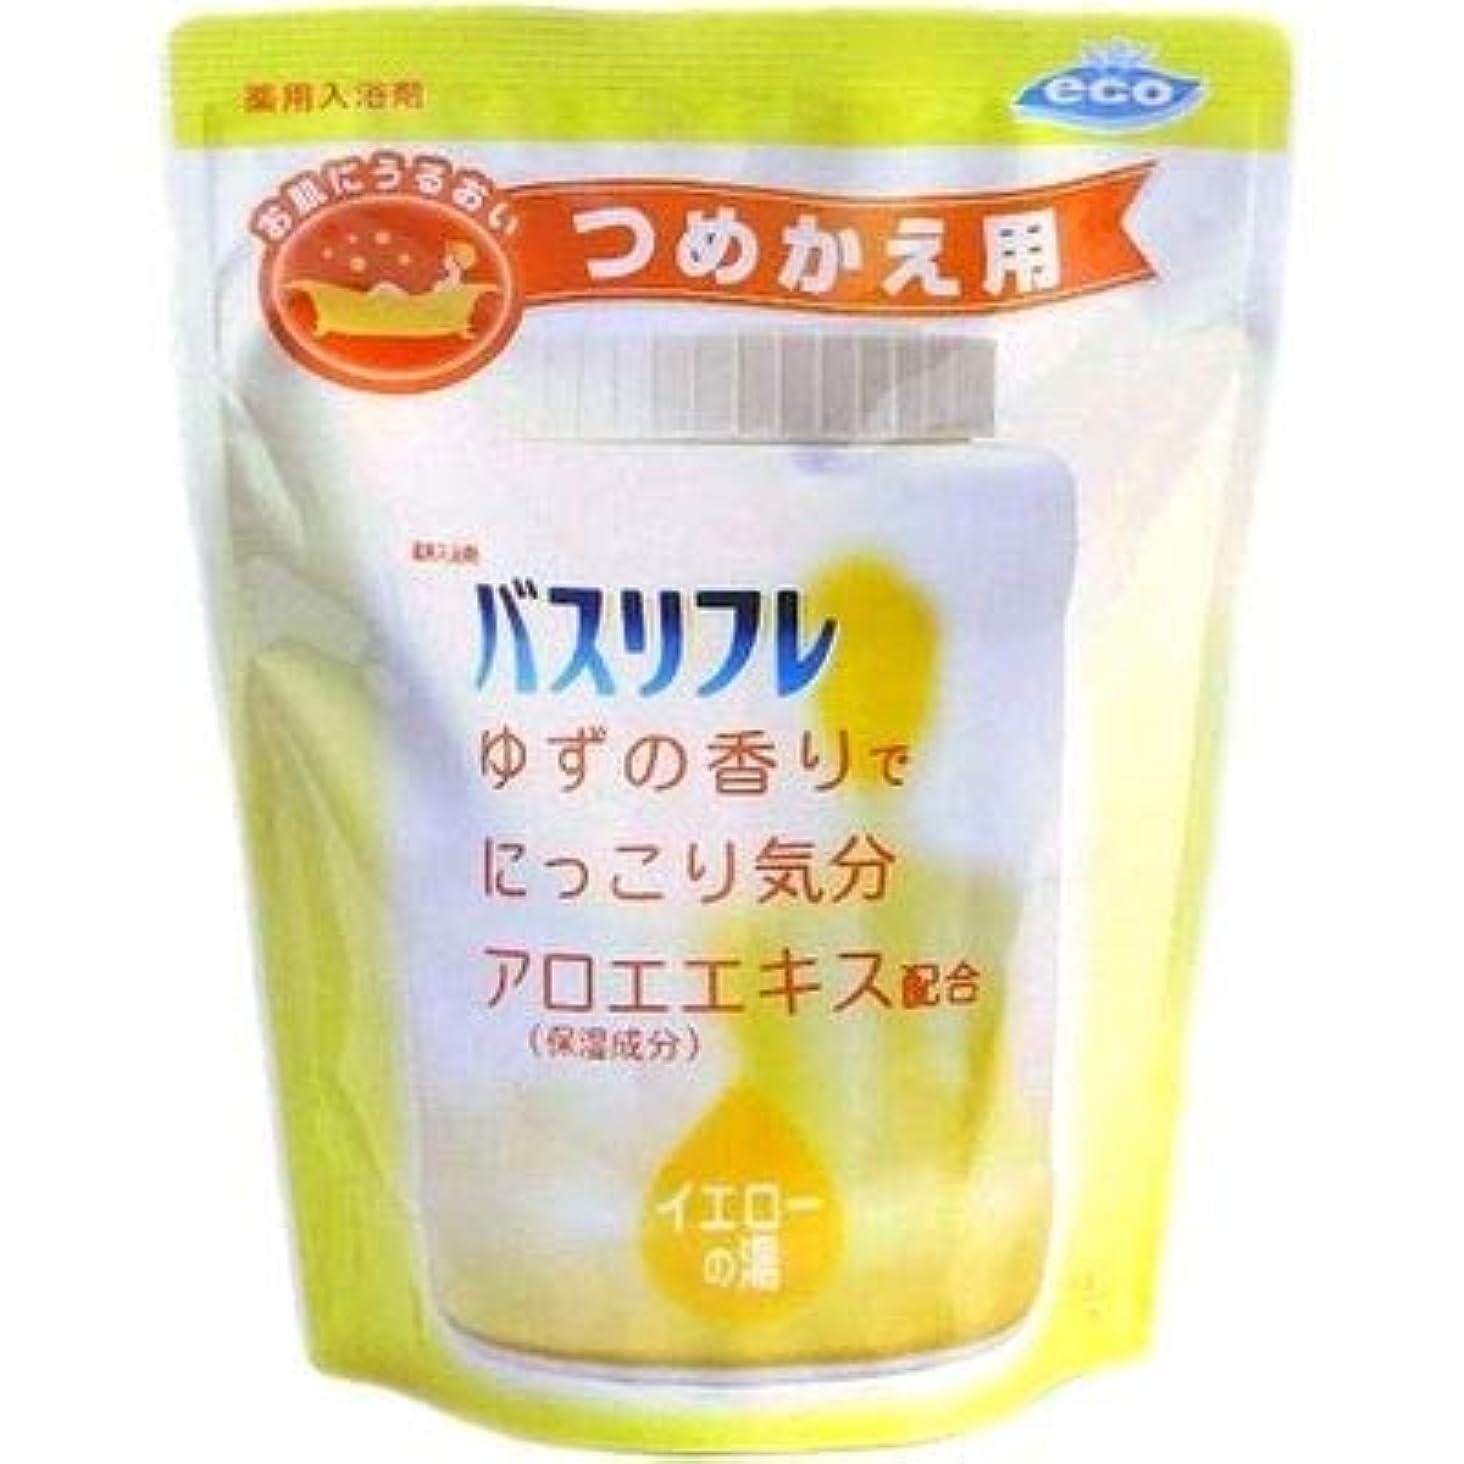 リクルート凍結ボンドライオンケミカル バスリフレ 薬用入浴剤 ゆずの香り つめかえ用 540g 4900480080102